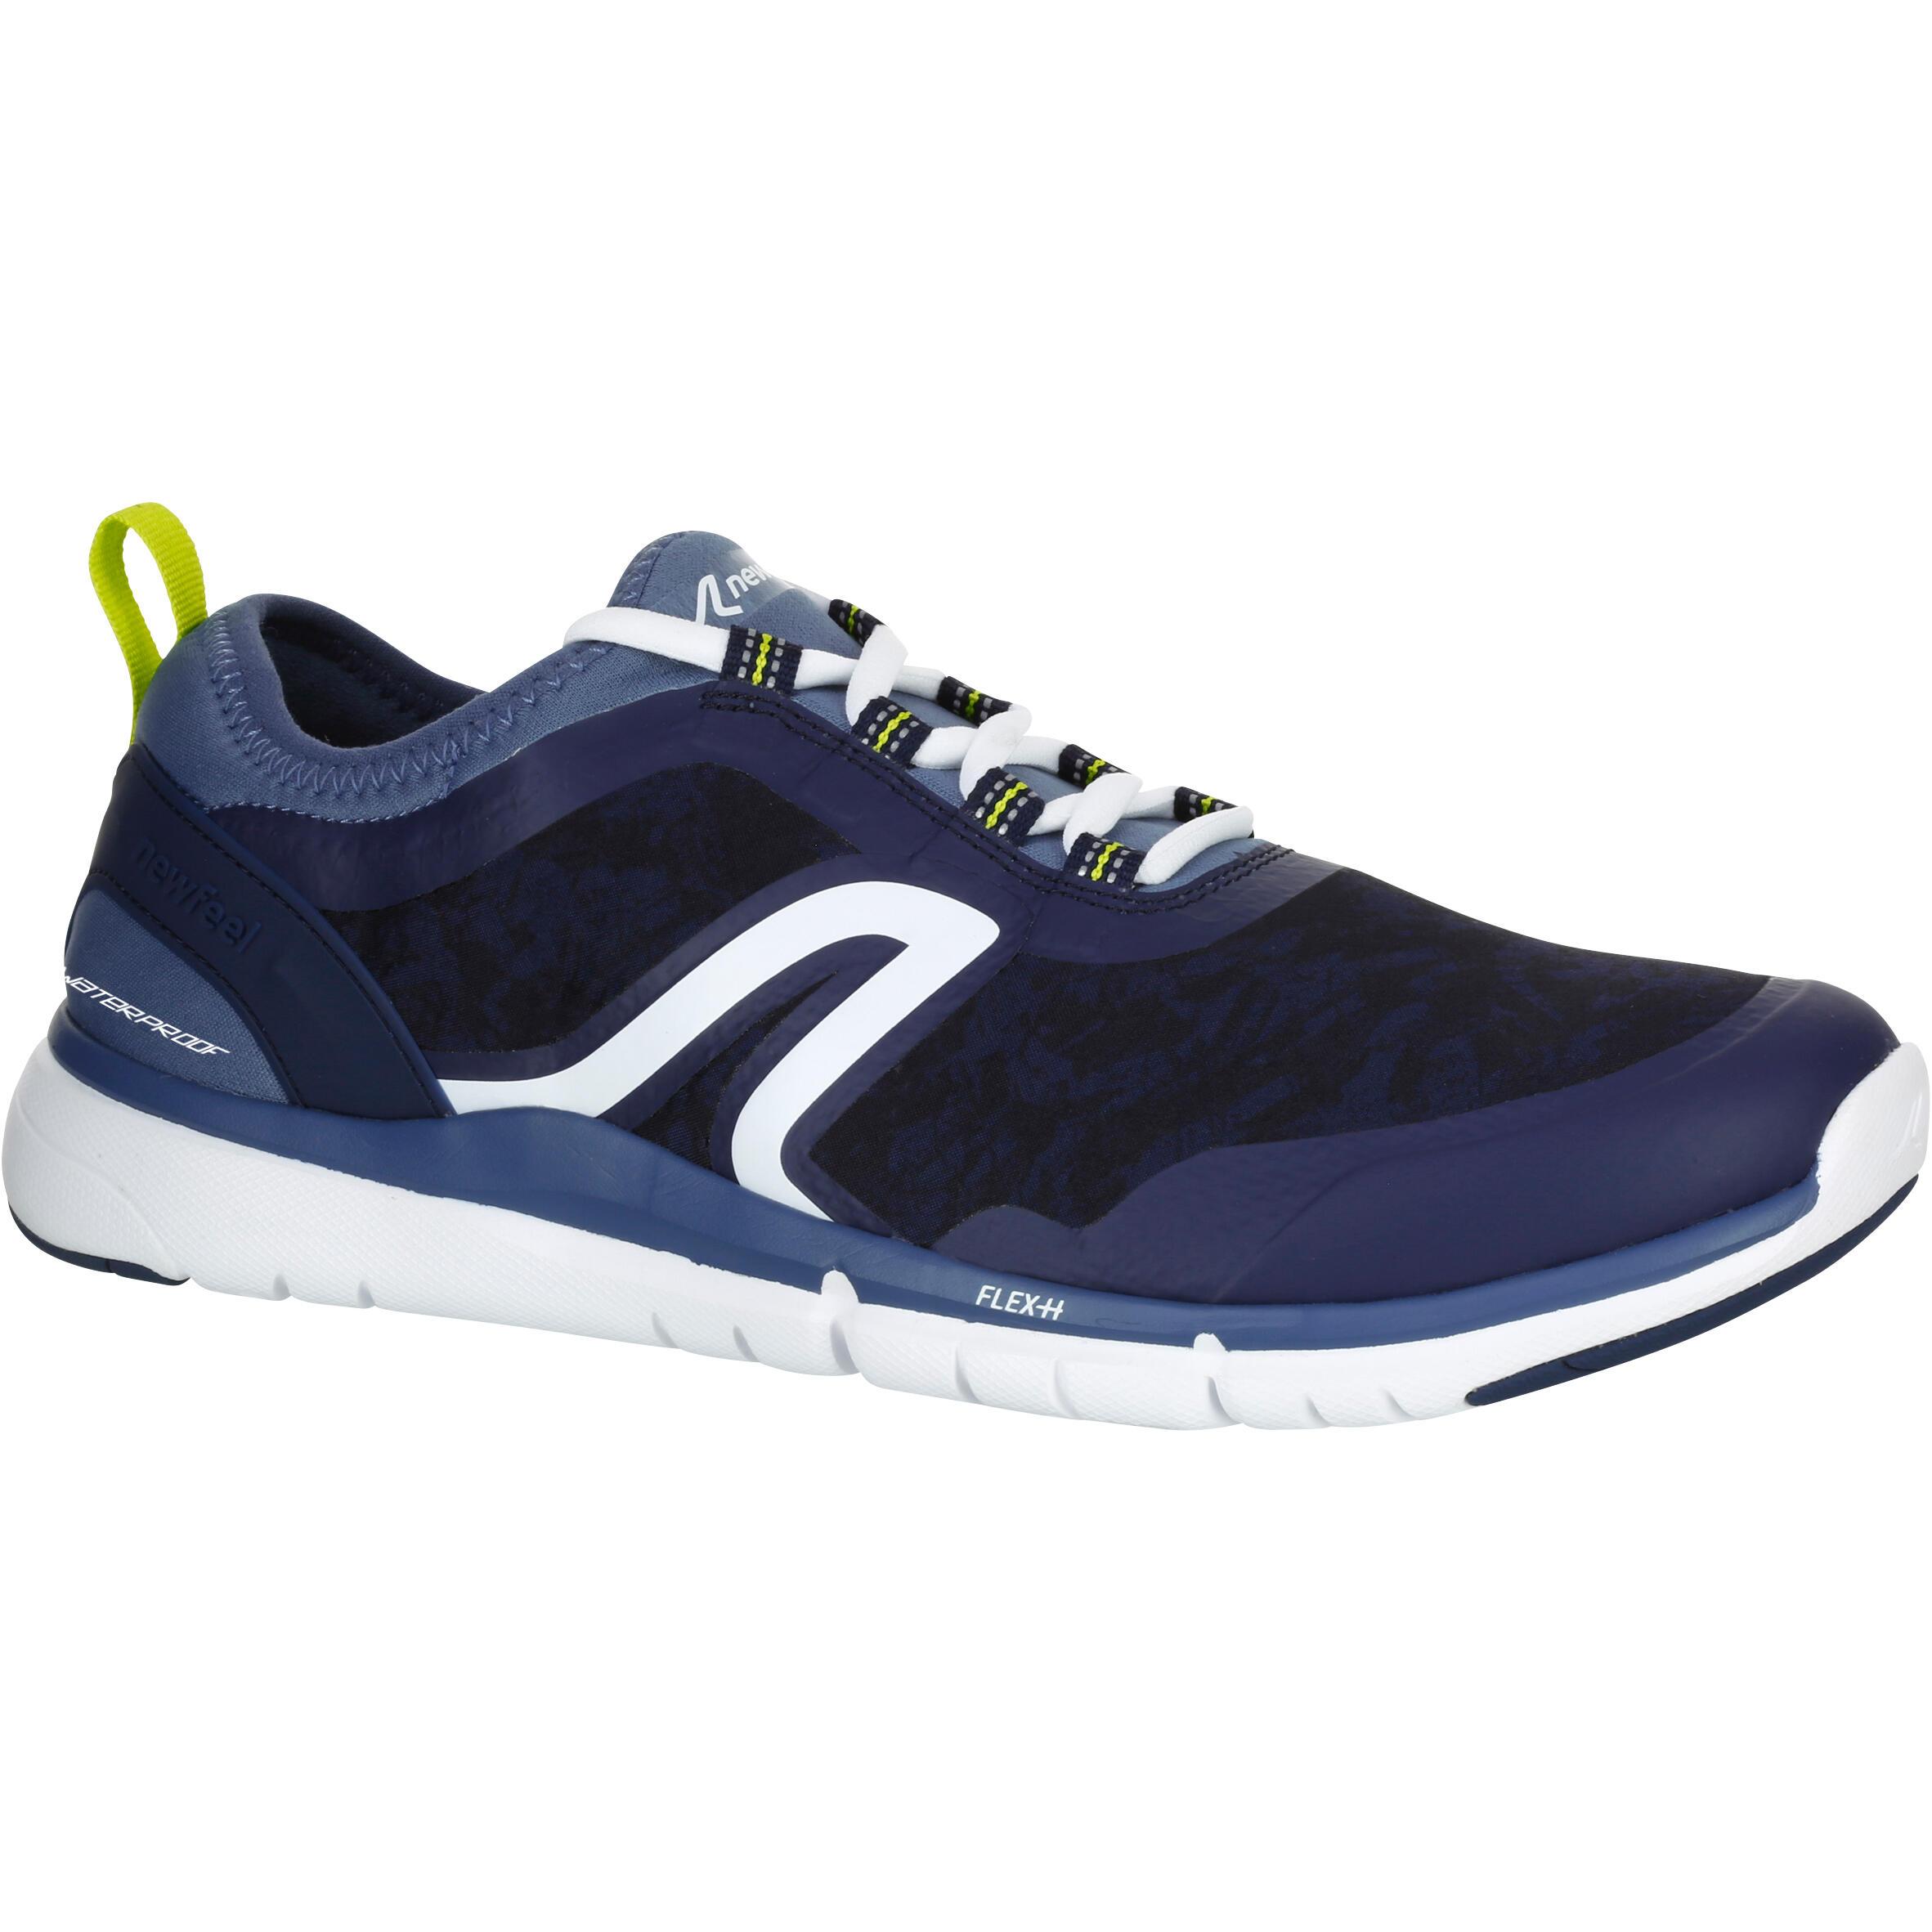 Walking Shoes for men waterproof PW 580 - Grey / Blue